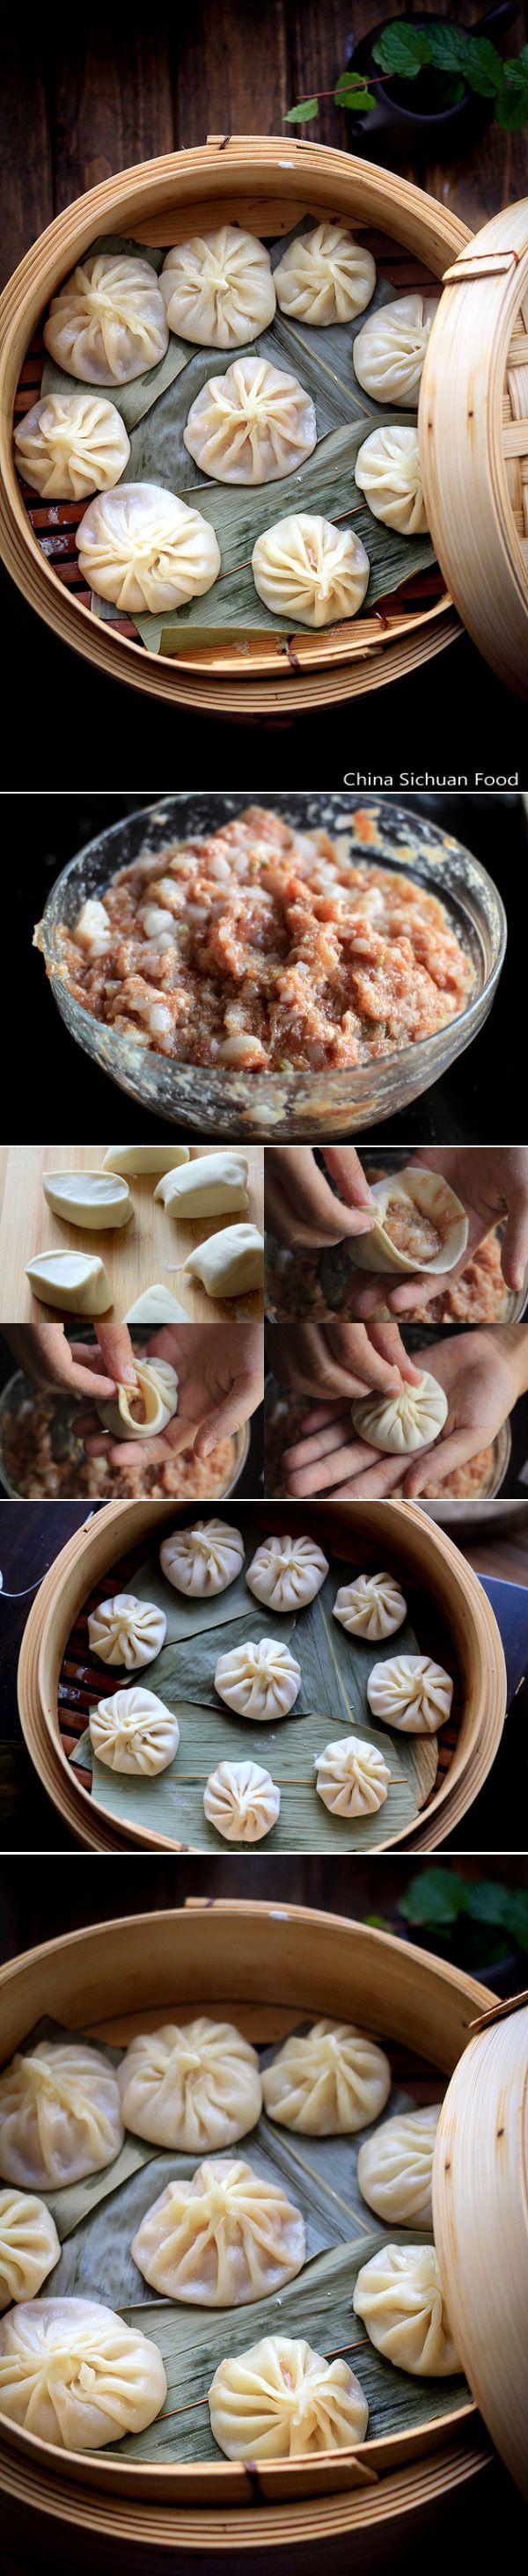 asian dumpling recipes jpg 853x1280